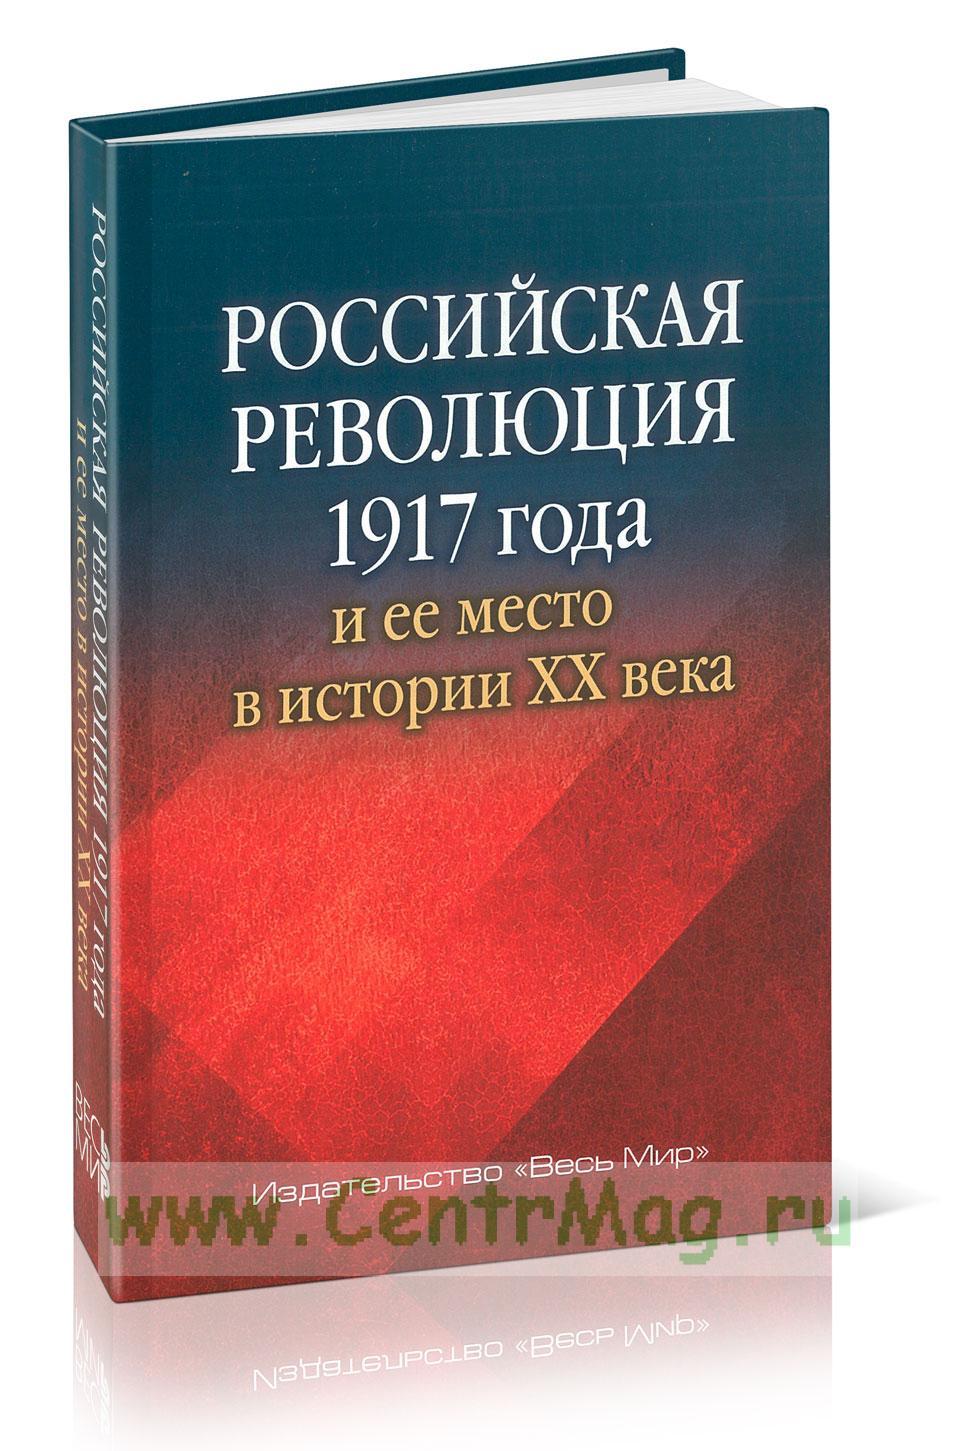 Российская революция 1917 года и ее место в истории XX века